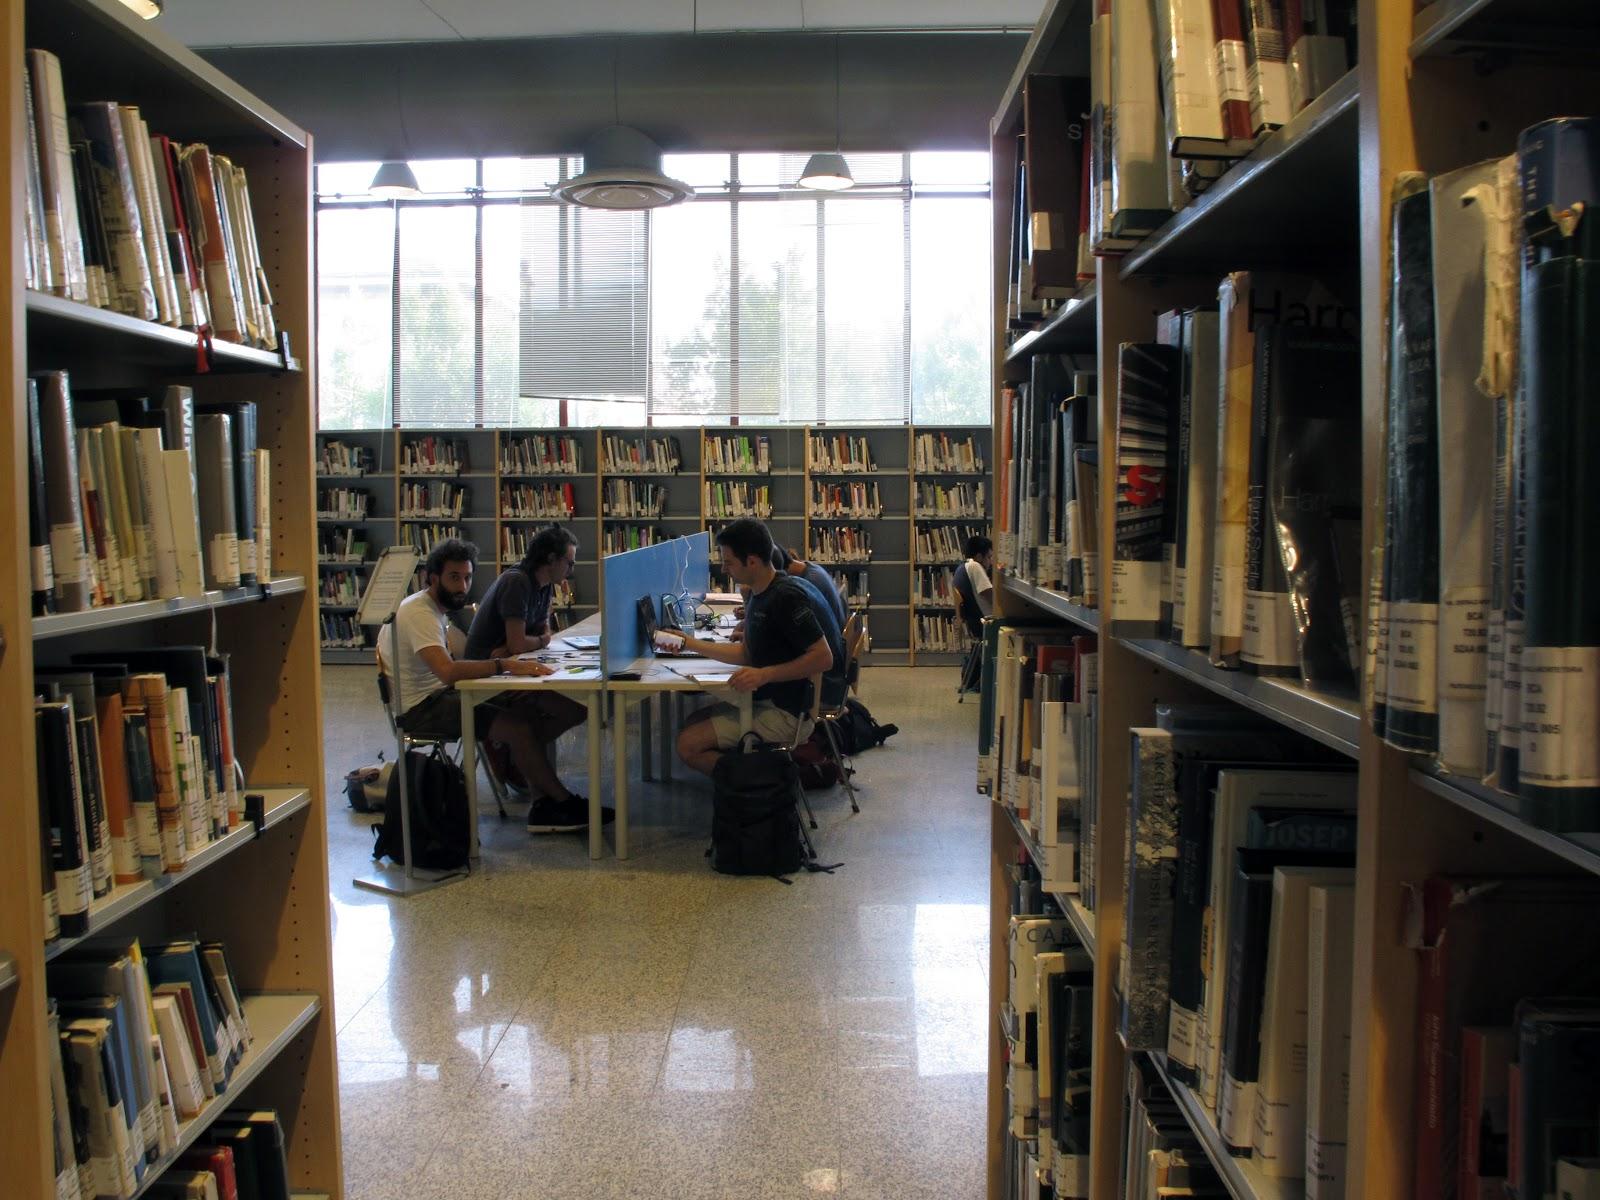 ho passato 24 ore in una biblioteca universitaria di